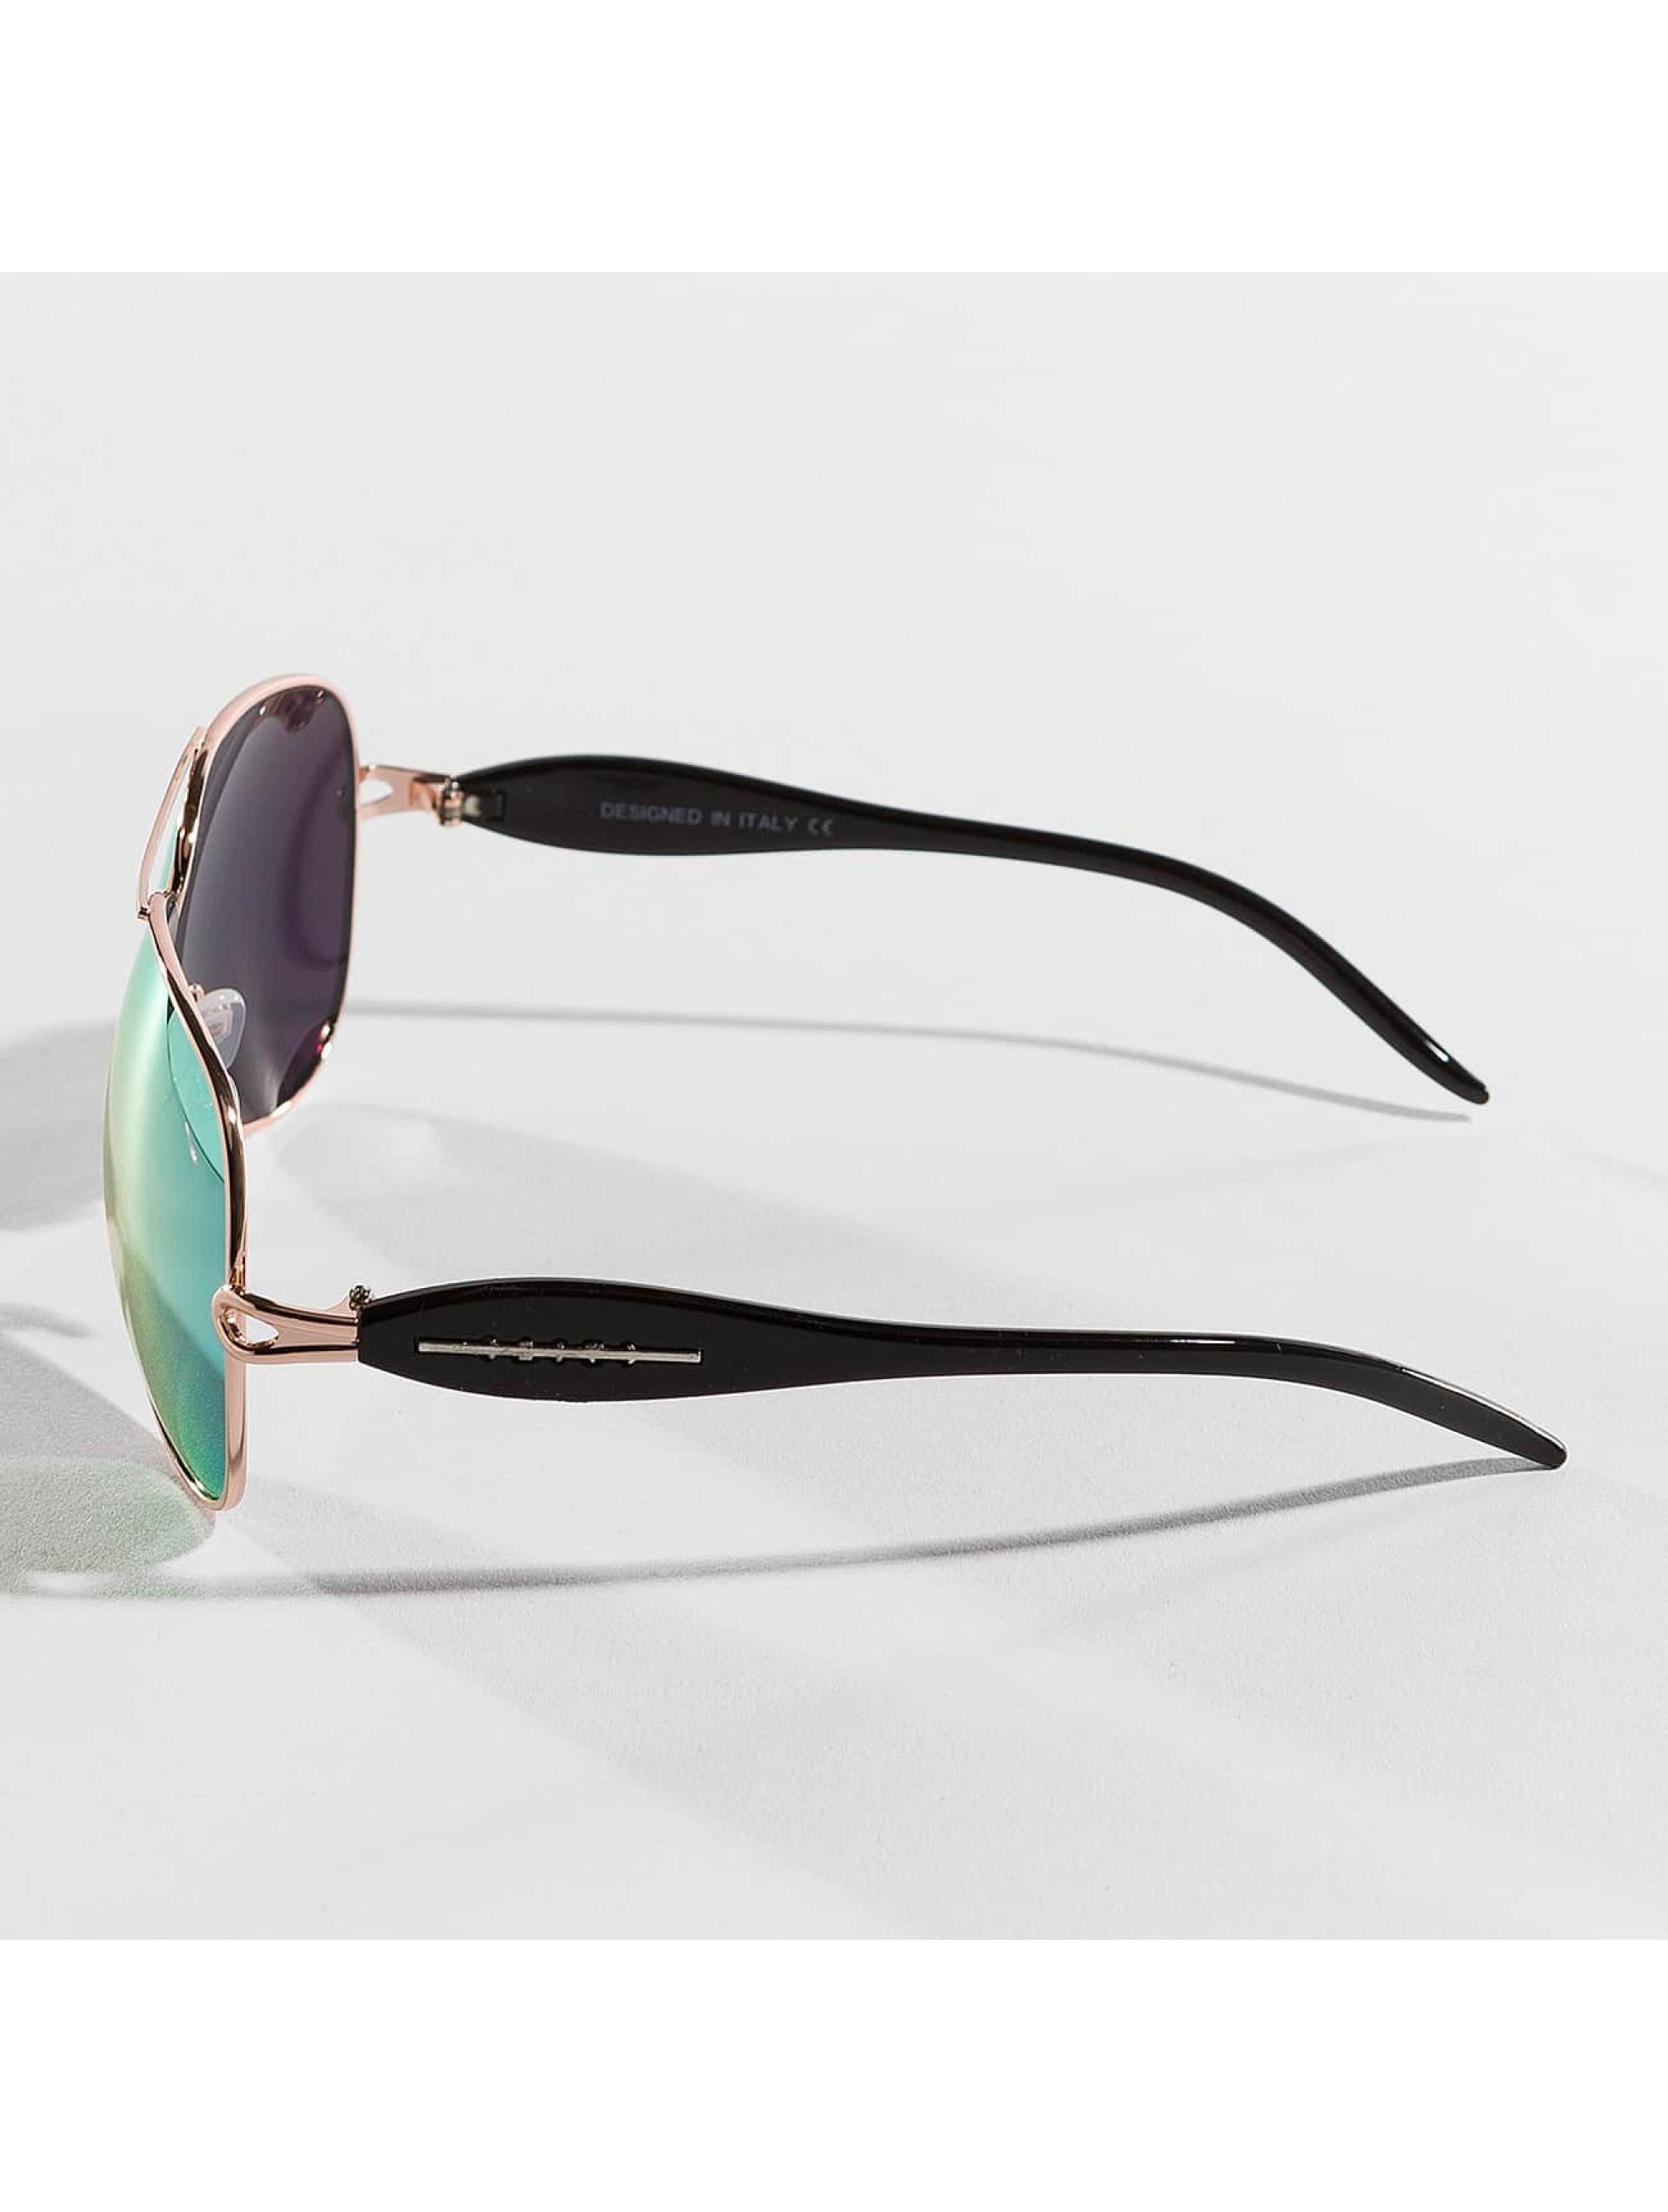 Hailys Sunglasses Ibiza Up rose